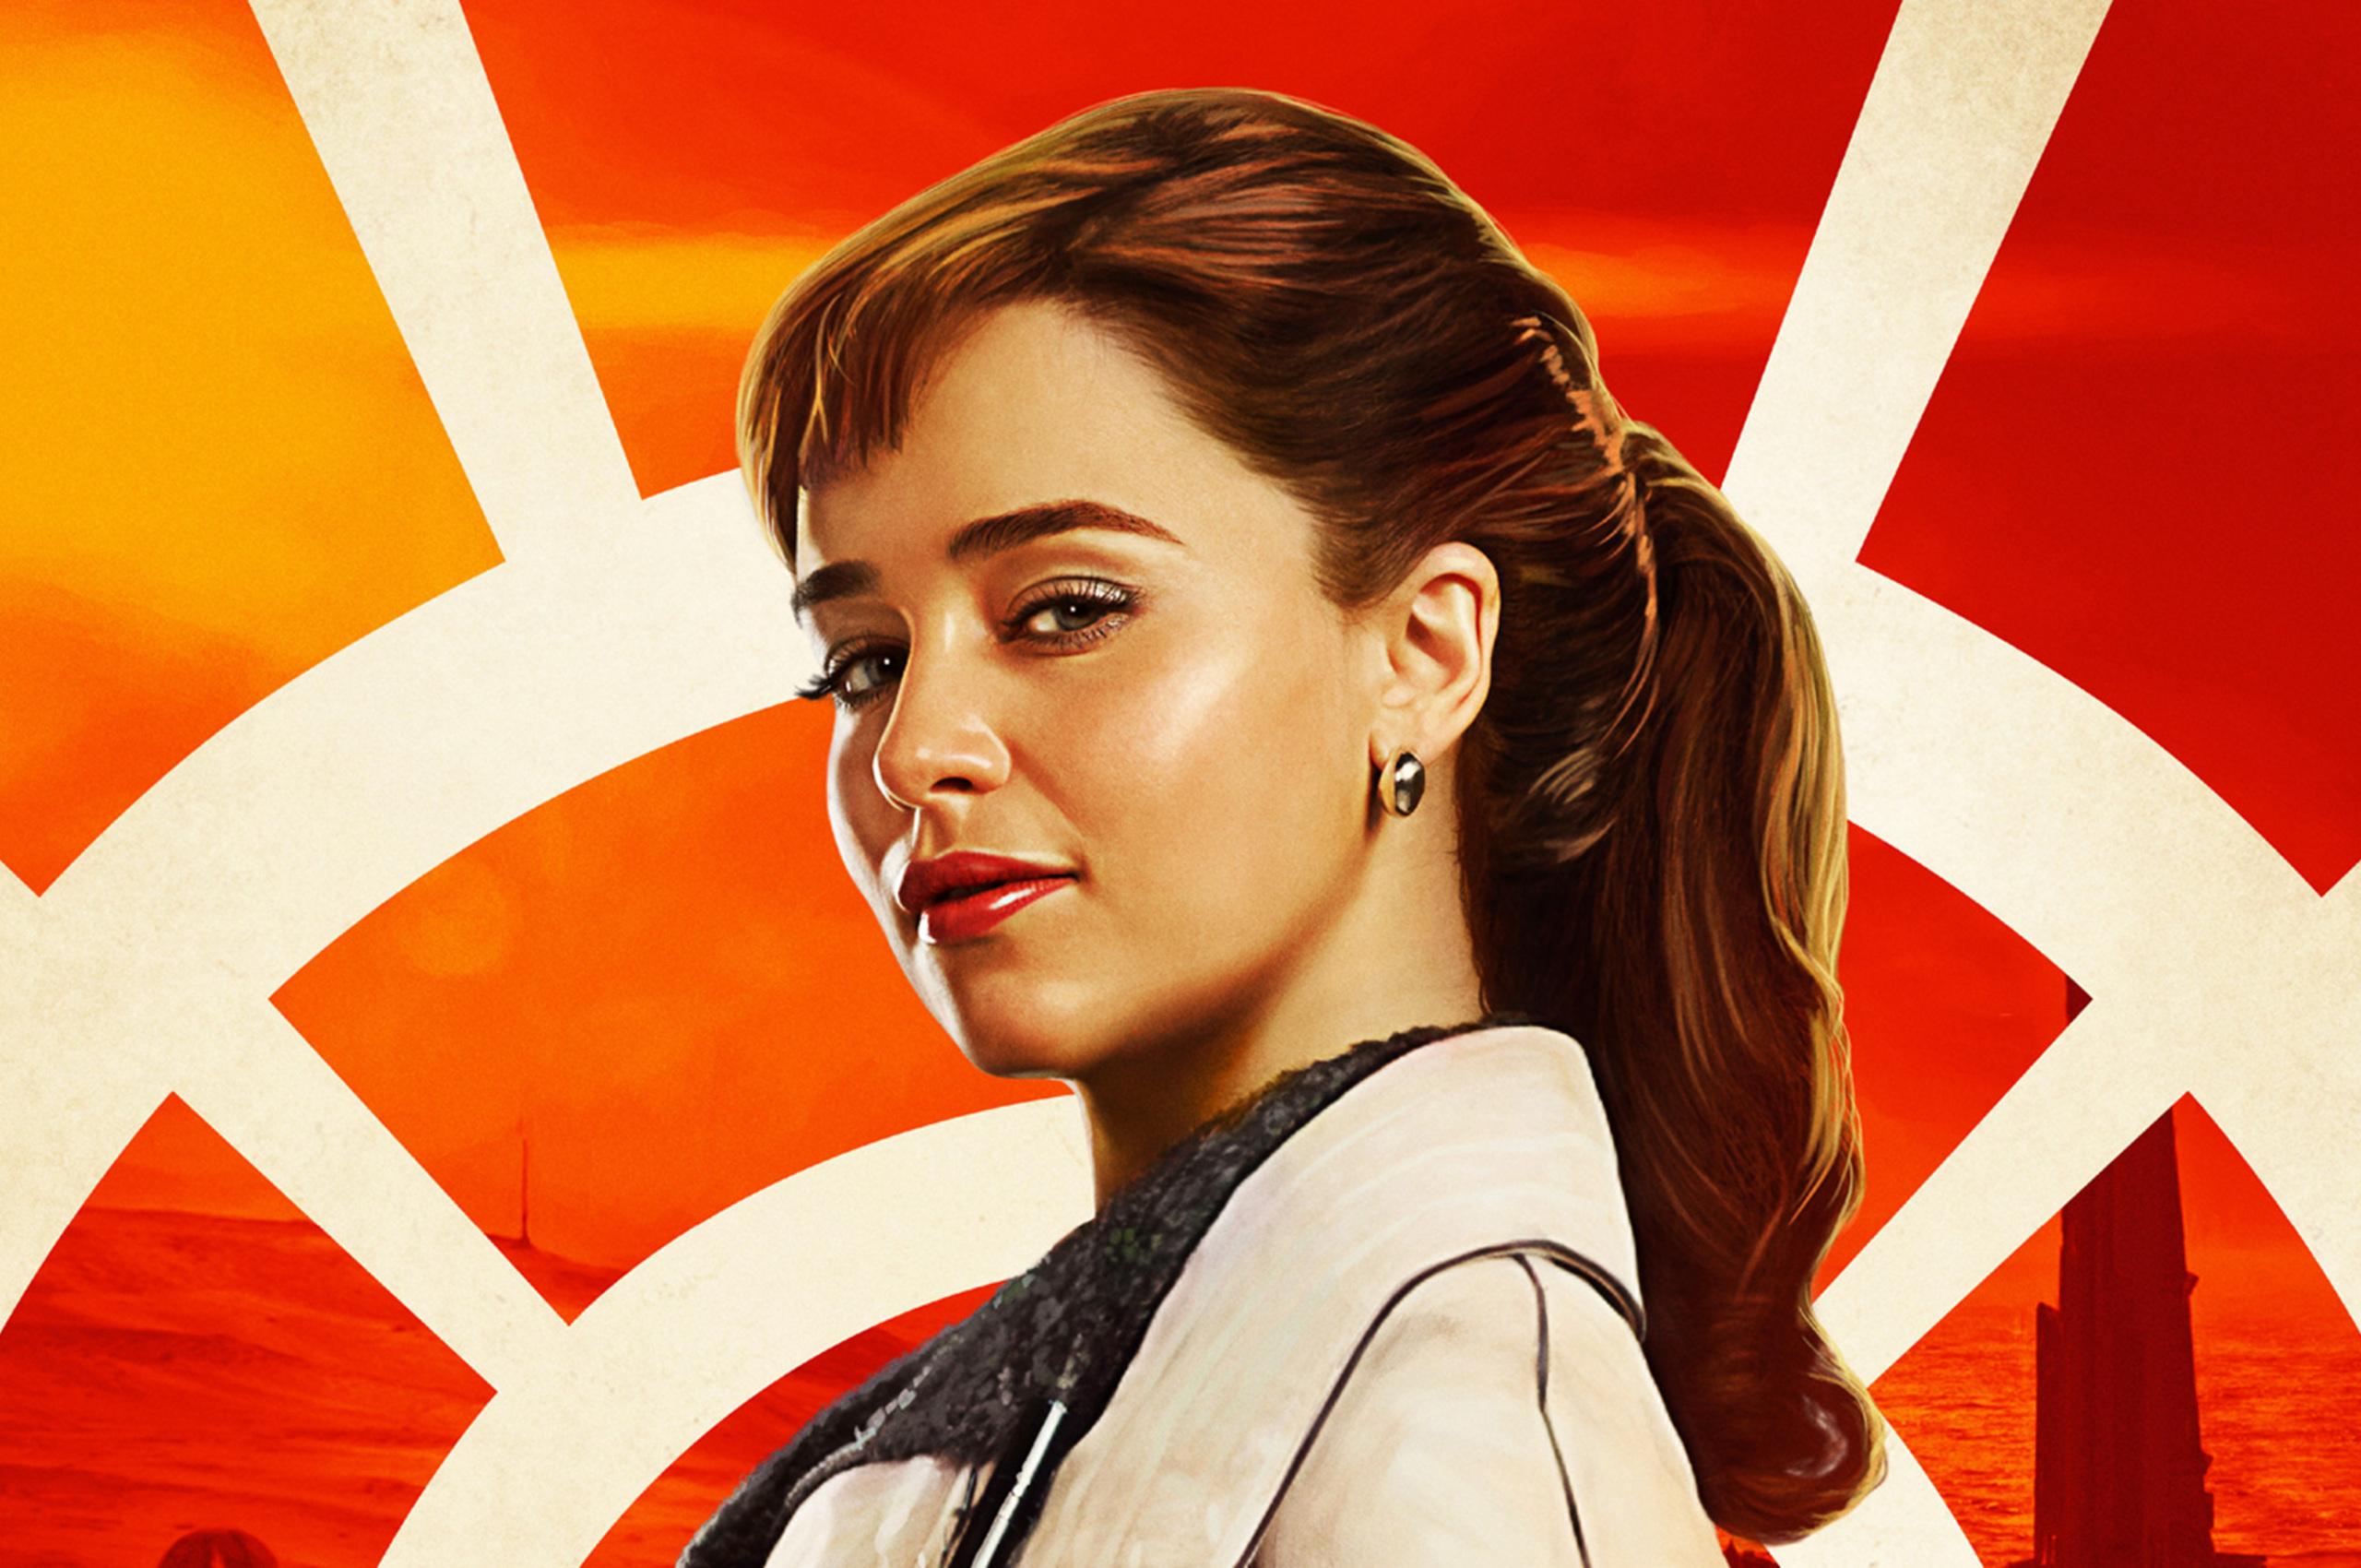 emilia-clarke-as-qira-in-solo-a-star-wars-story-yk.jpg